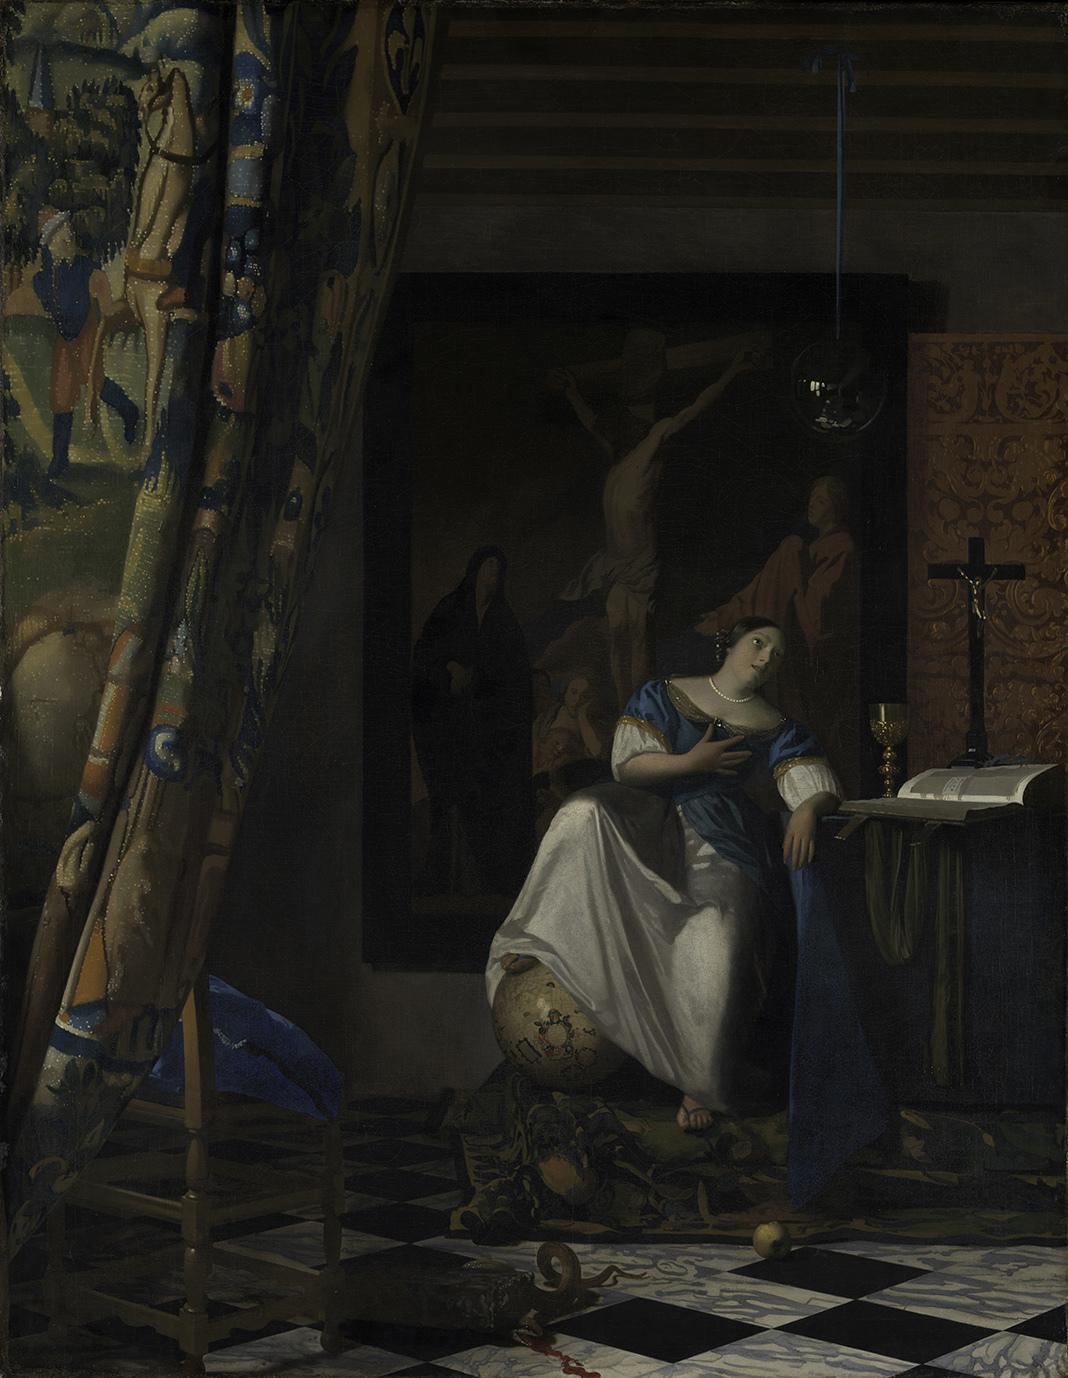 ヨハネス・フェルメール《信仰の寓意》1670-72年頃 油彩、カンヴァス 114.3x88.9cm メトロポリタン美術館